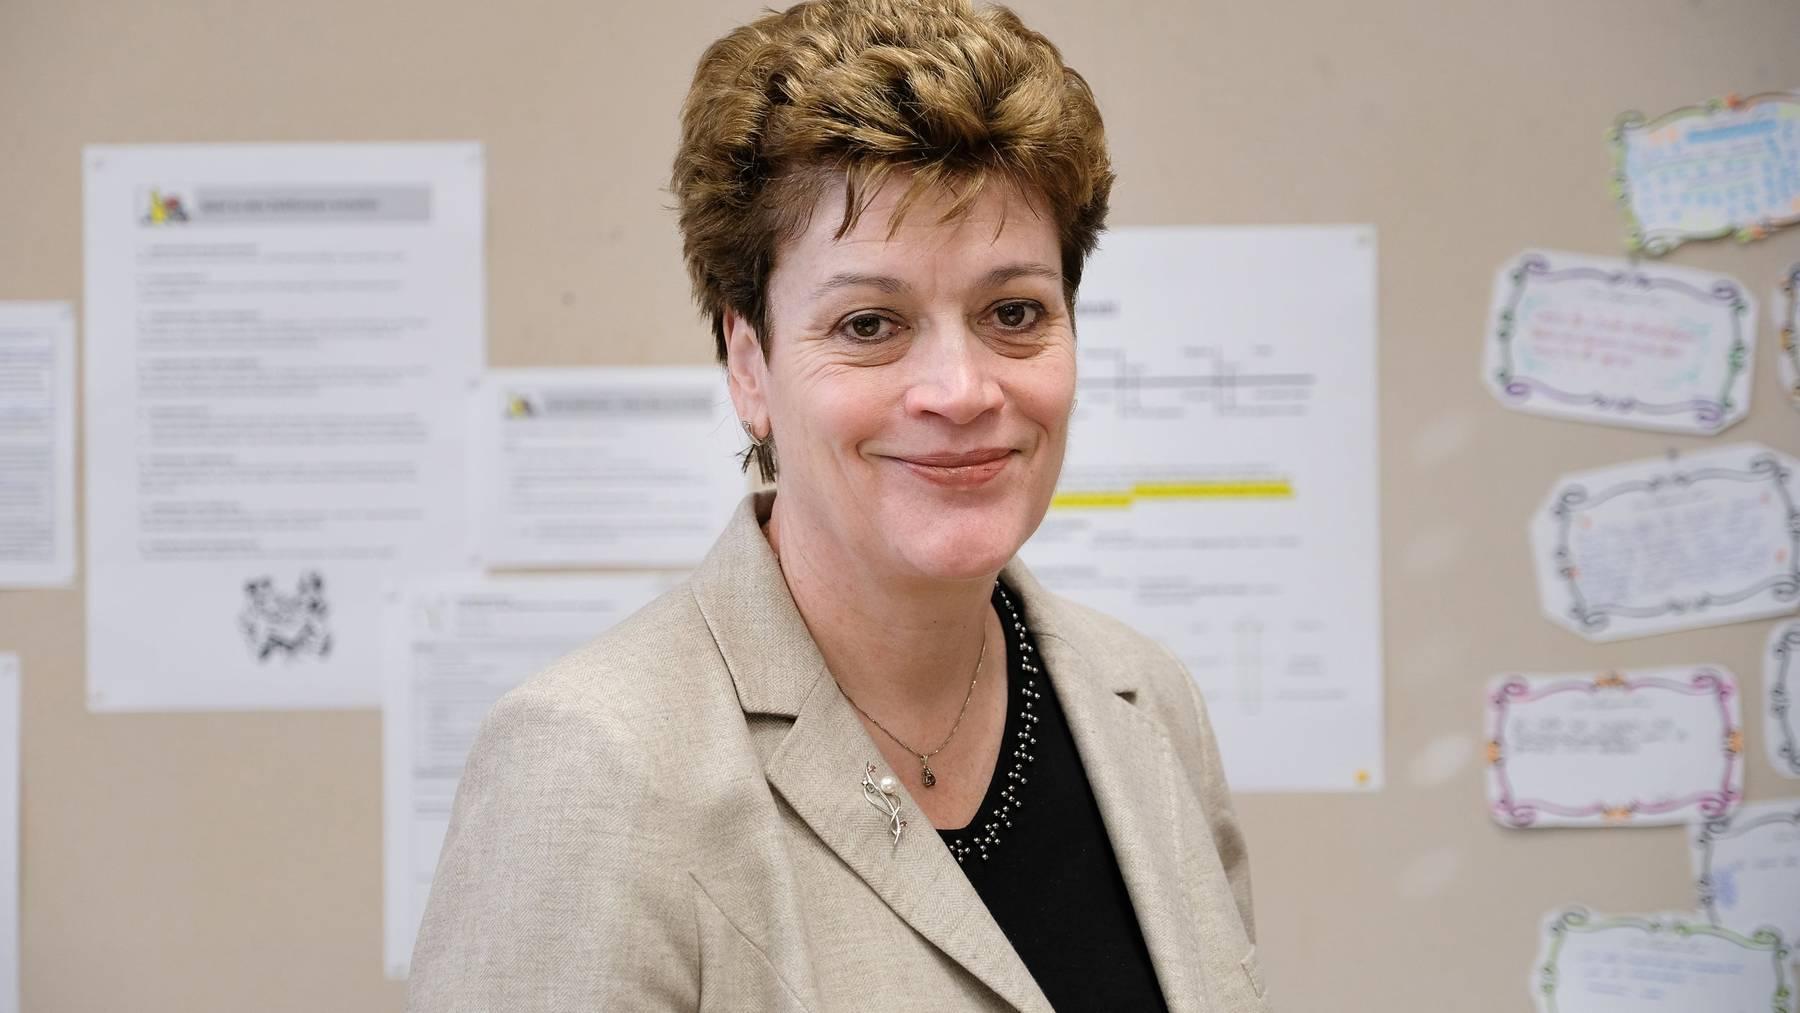 Silvia Steiner ist Regierungsratspräsidentin des Kantons Zürich sowie Präsidentin der Schweizerischen Konferenz der kantonalen Erziehungsdirektoren.